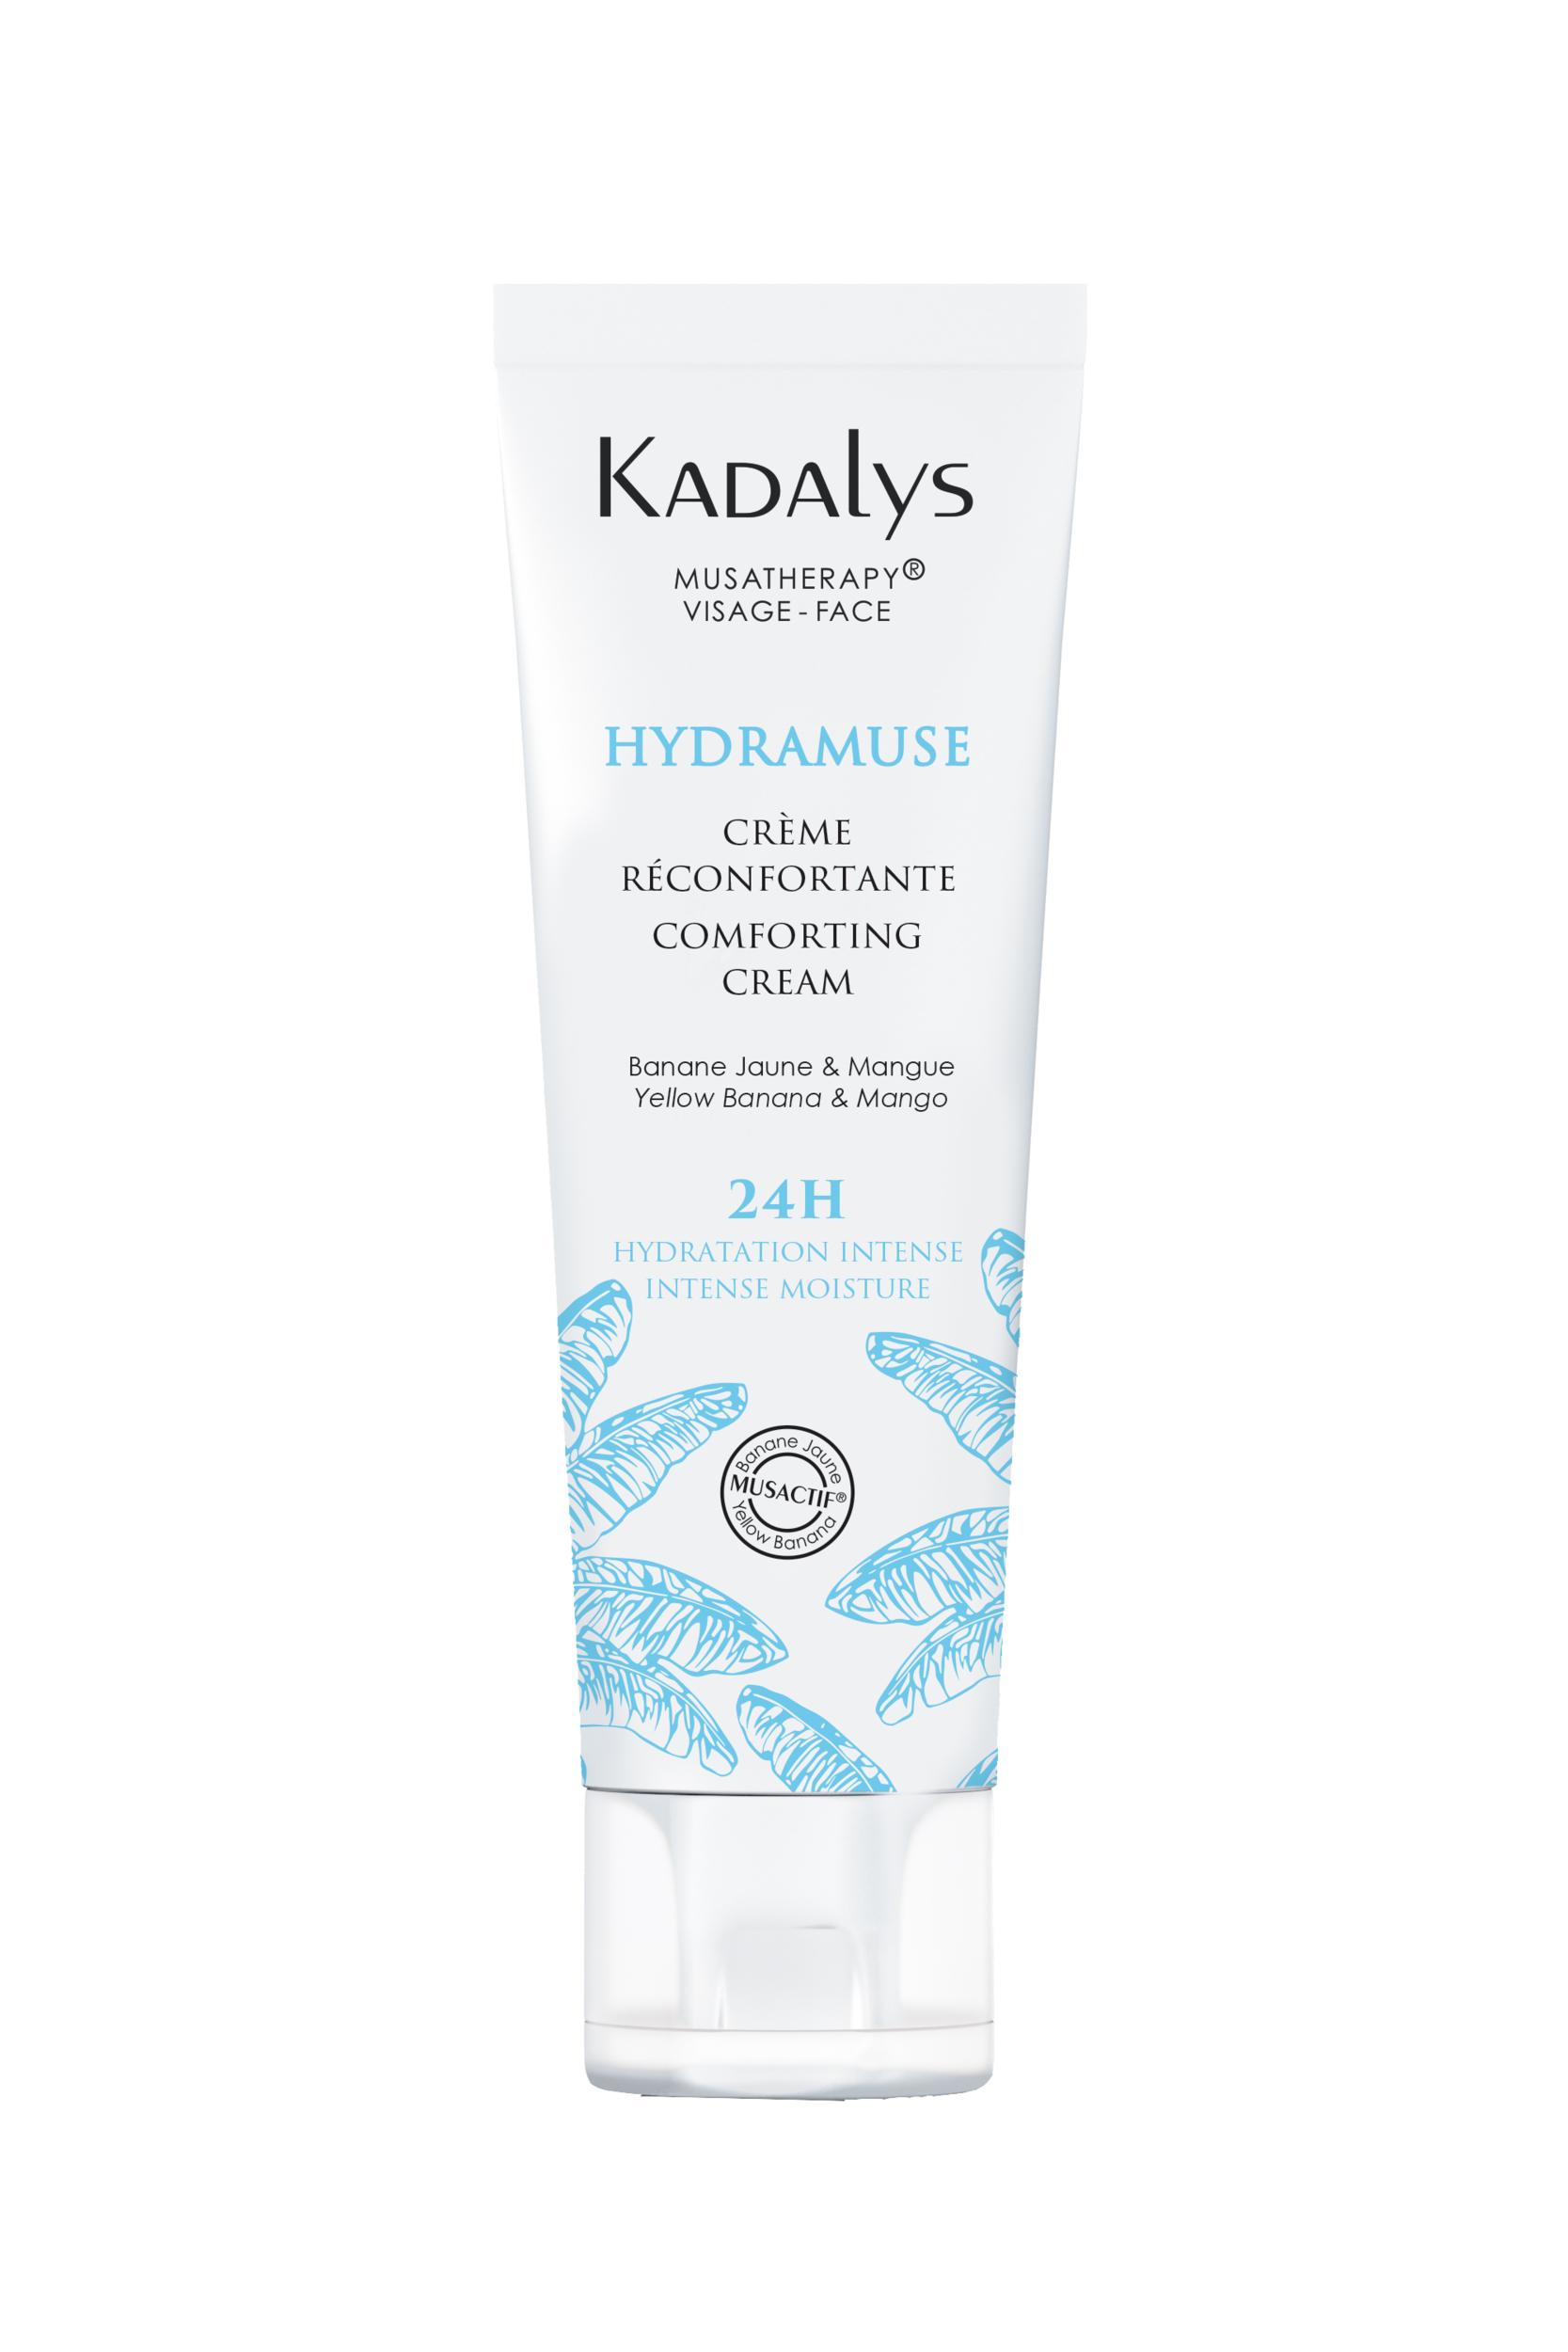 Kadalys-Crème Hydramuse